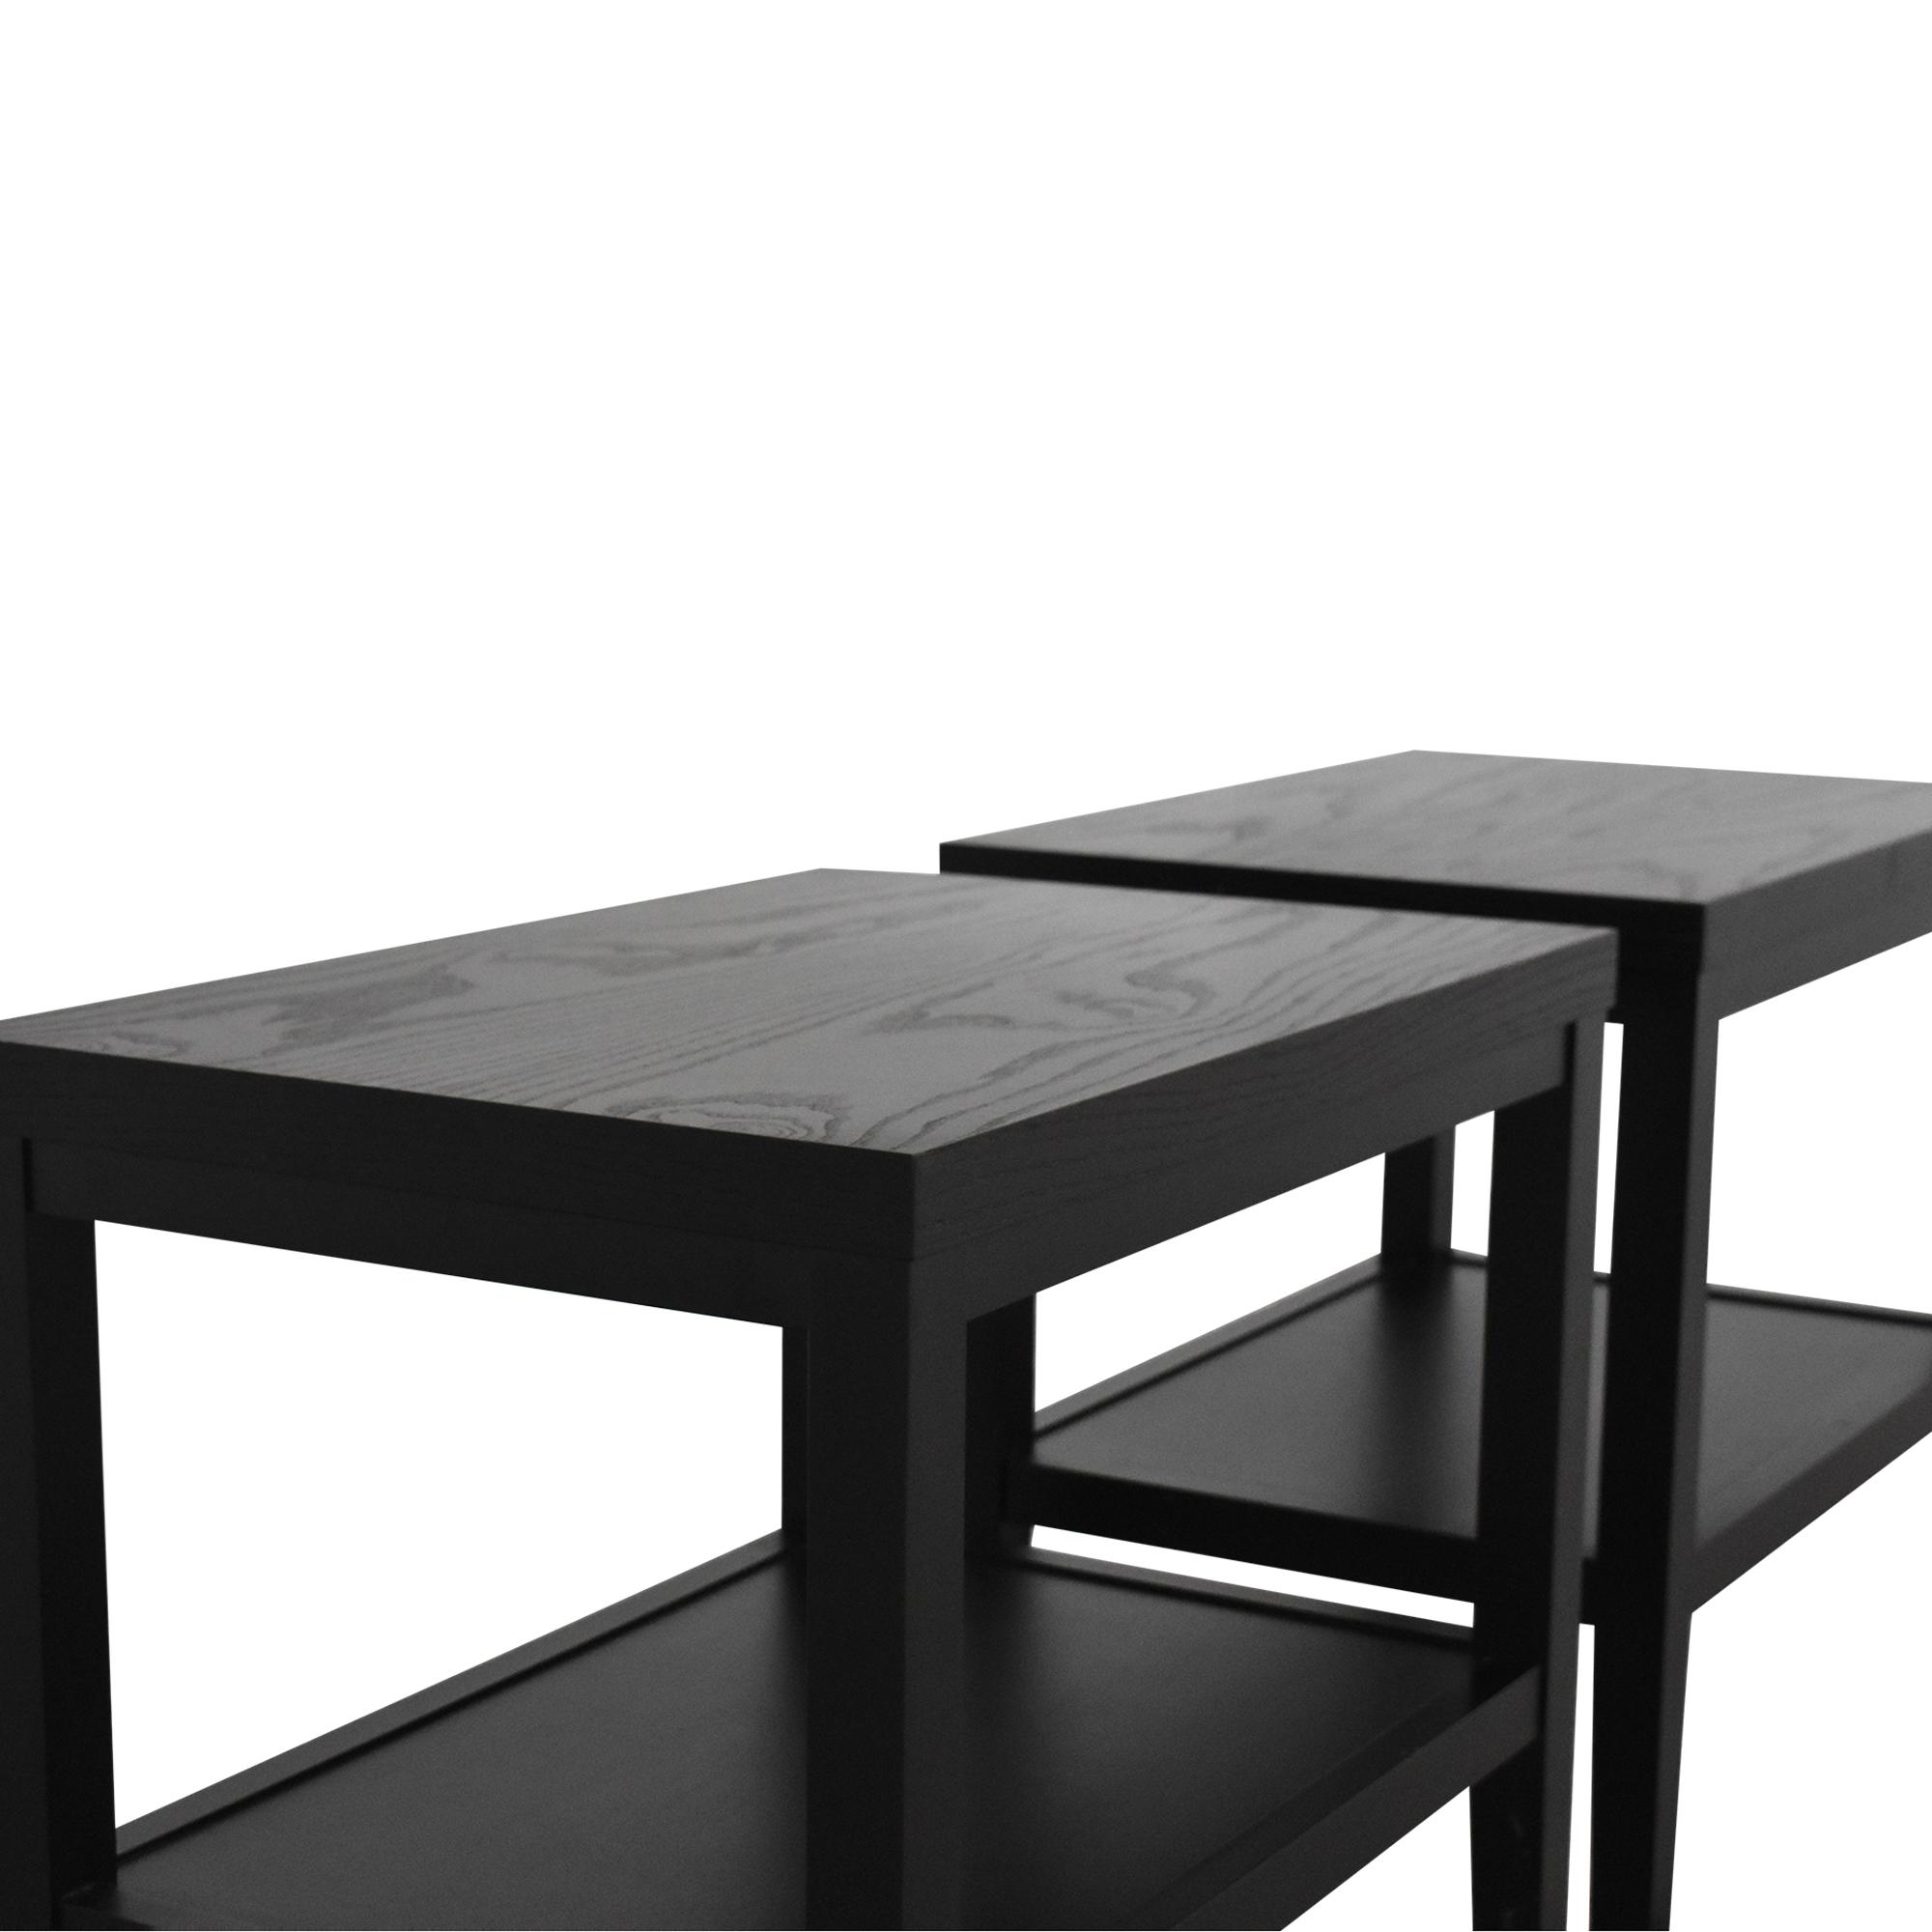 Crate & Barrel Crate & Barrel Baronet End Tables dimensions